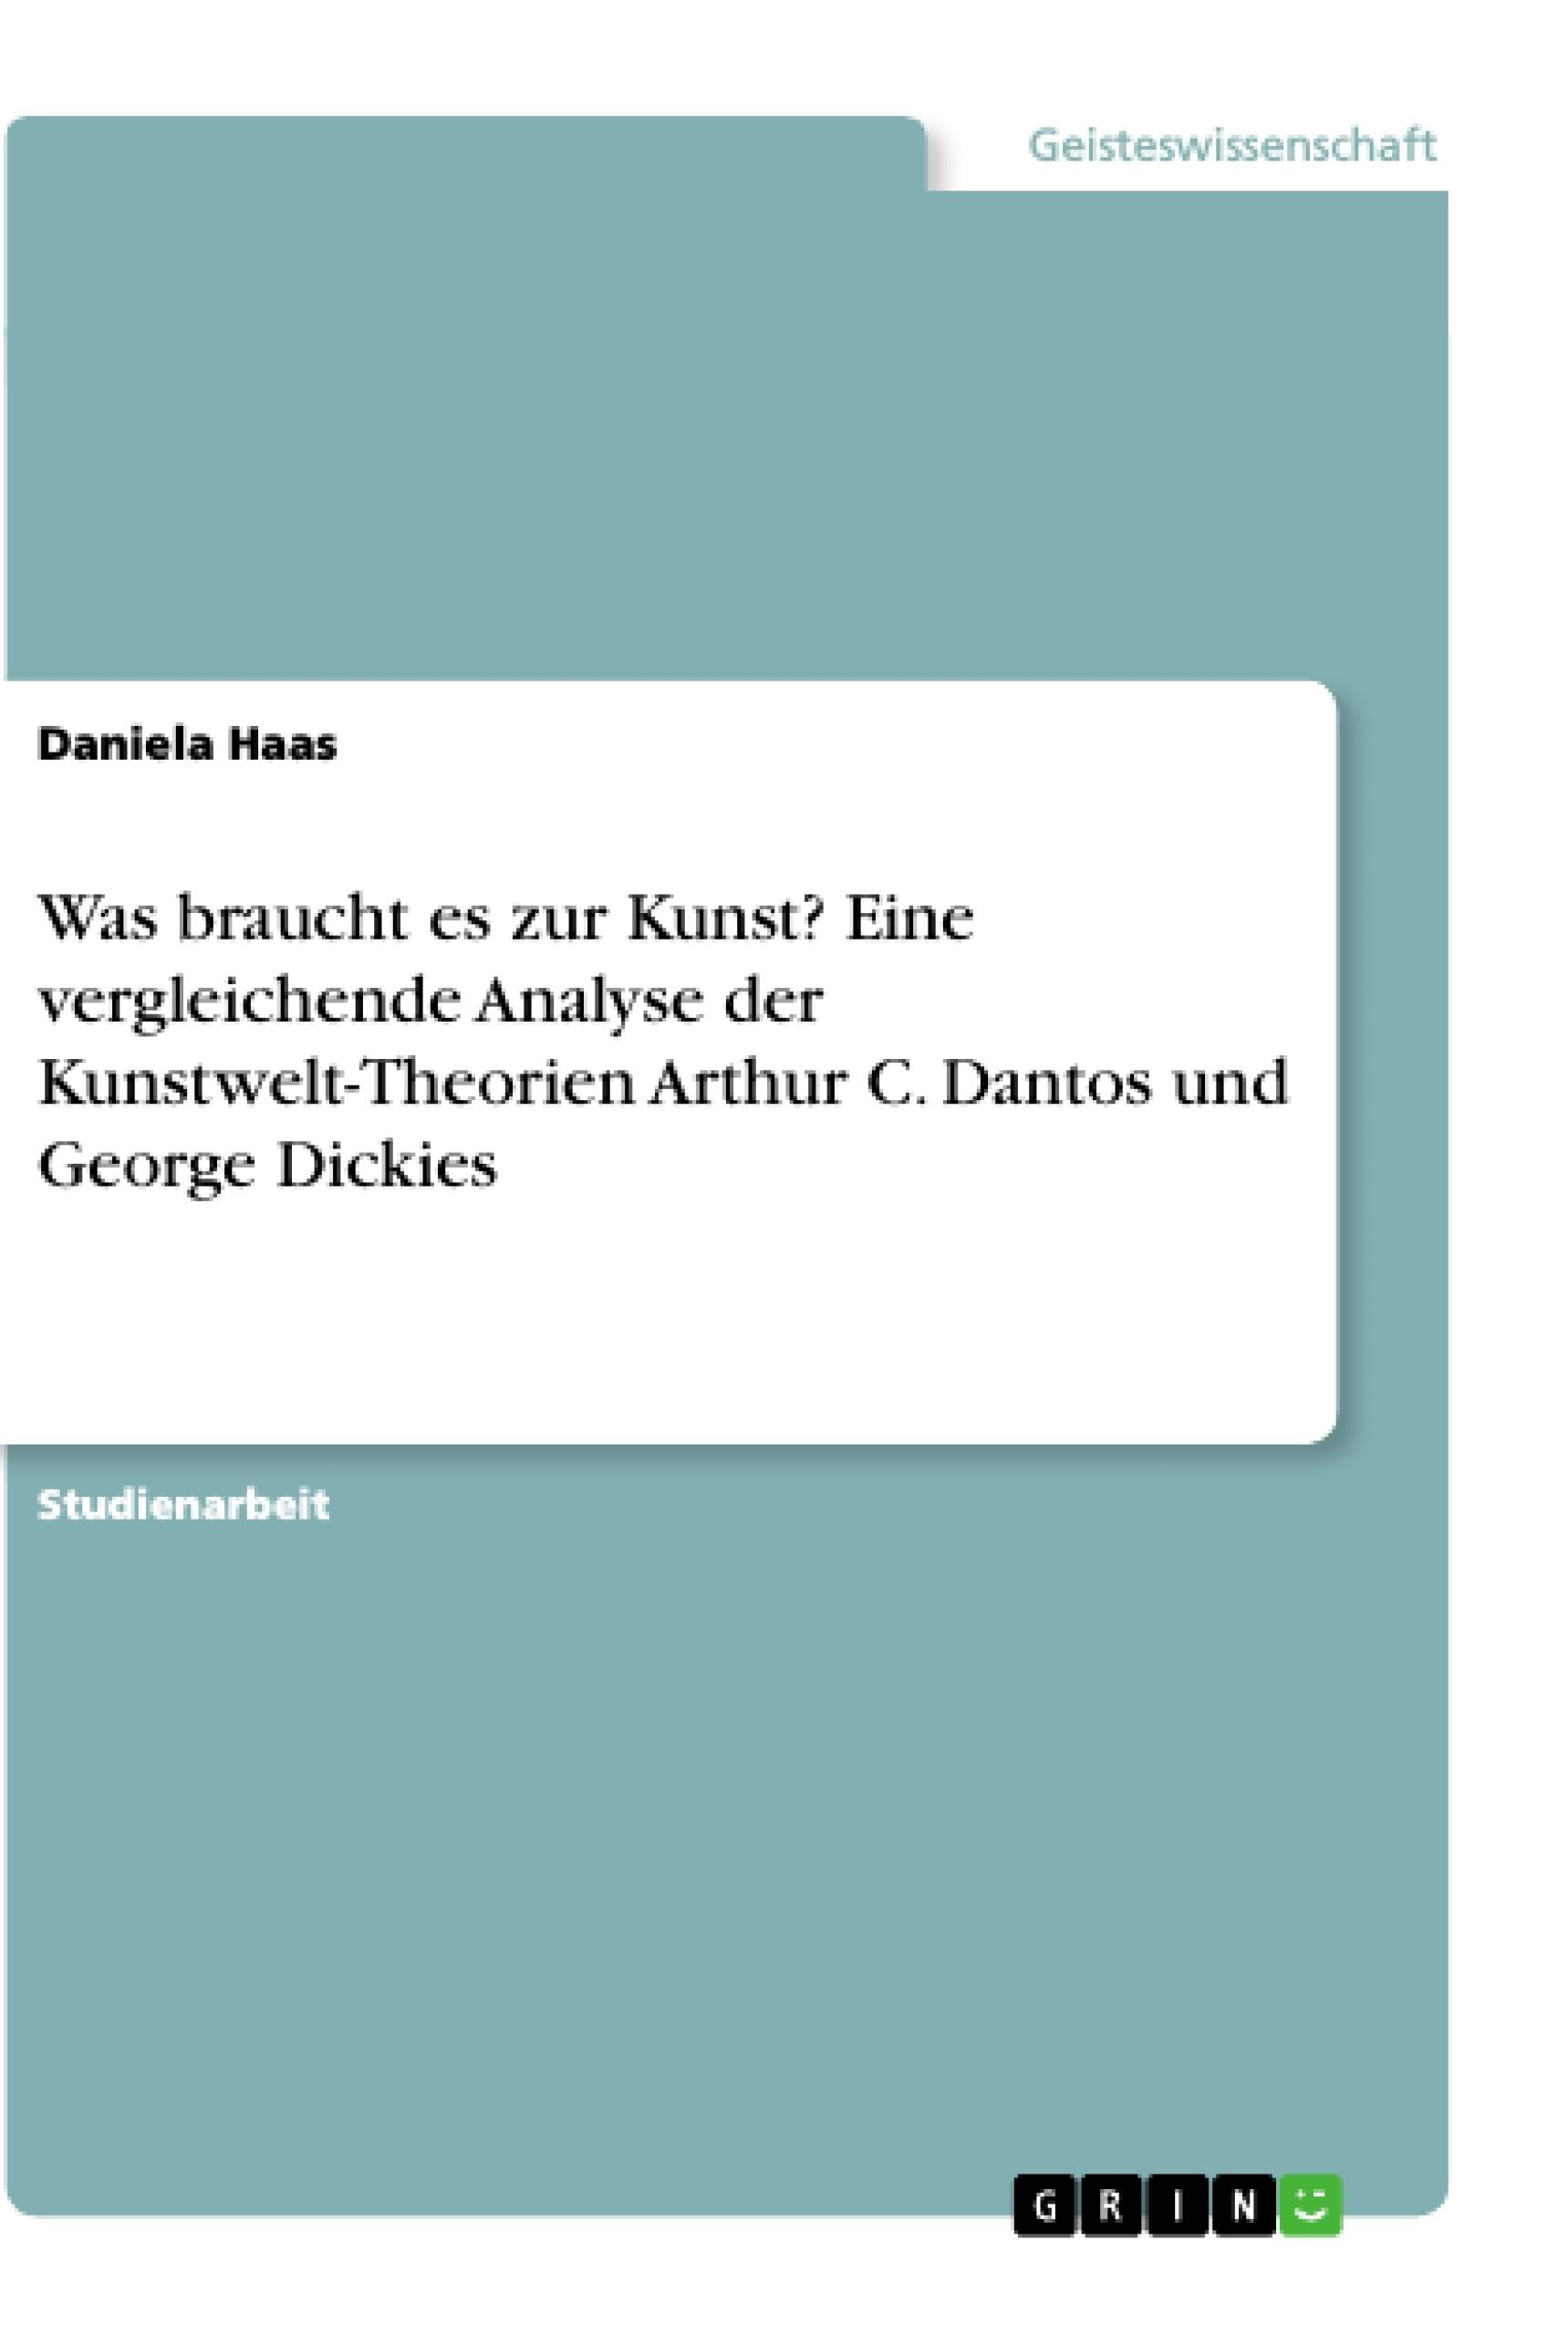 Titel: Was braucht es zur Kunst? Eine vergleichende Analyse der Kunstwelt-Theorien Arthur C. Dantos und George Dickies